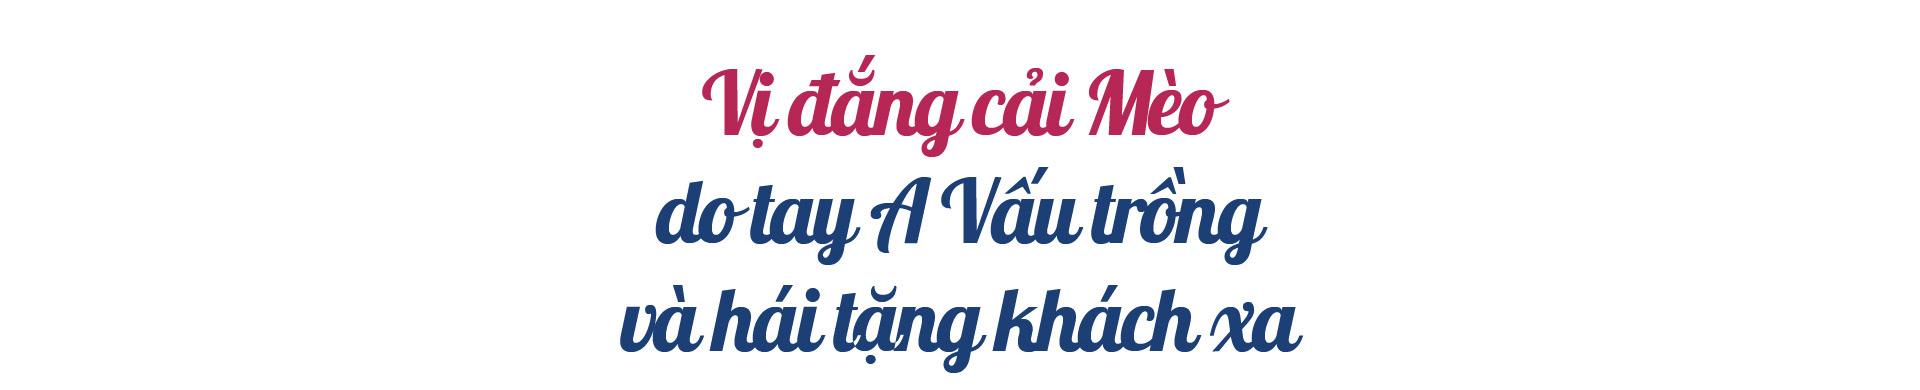 """Dân Việt trò chuyện:Khà A Vấu - vinh danh """"Thiên đường mây"""" trên """"Miền đất lửa"""" - Ảnh 15."""